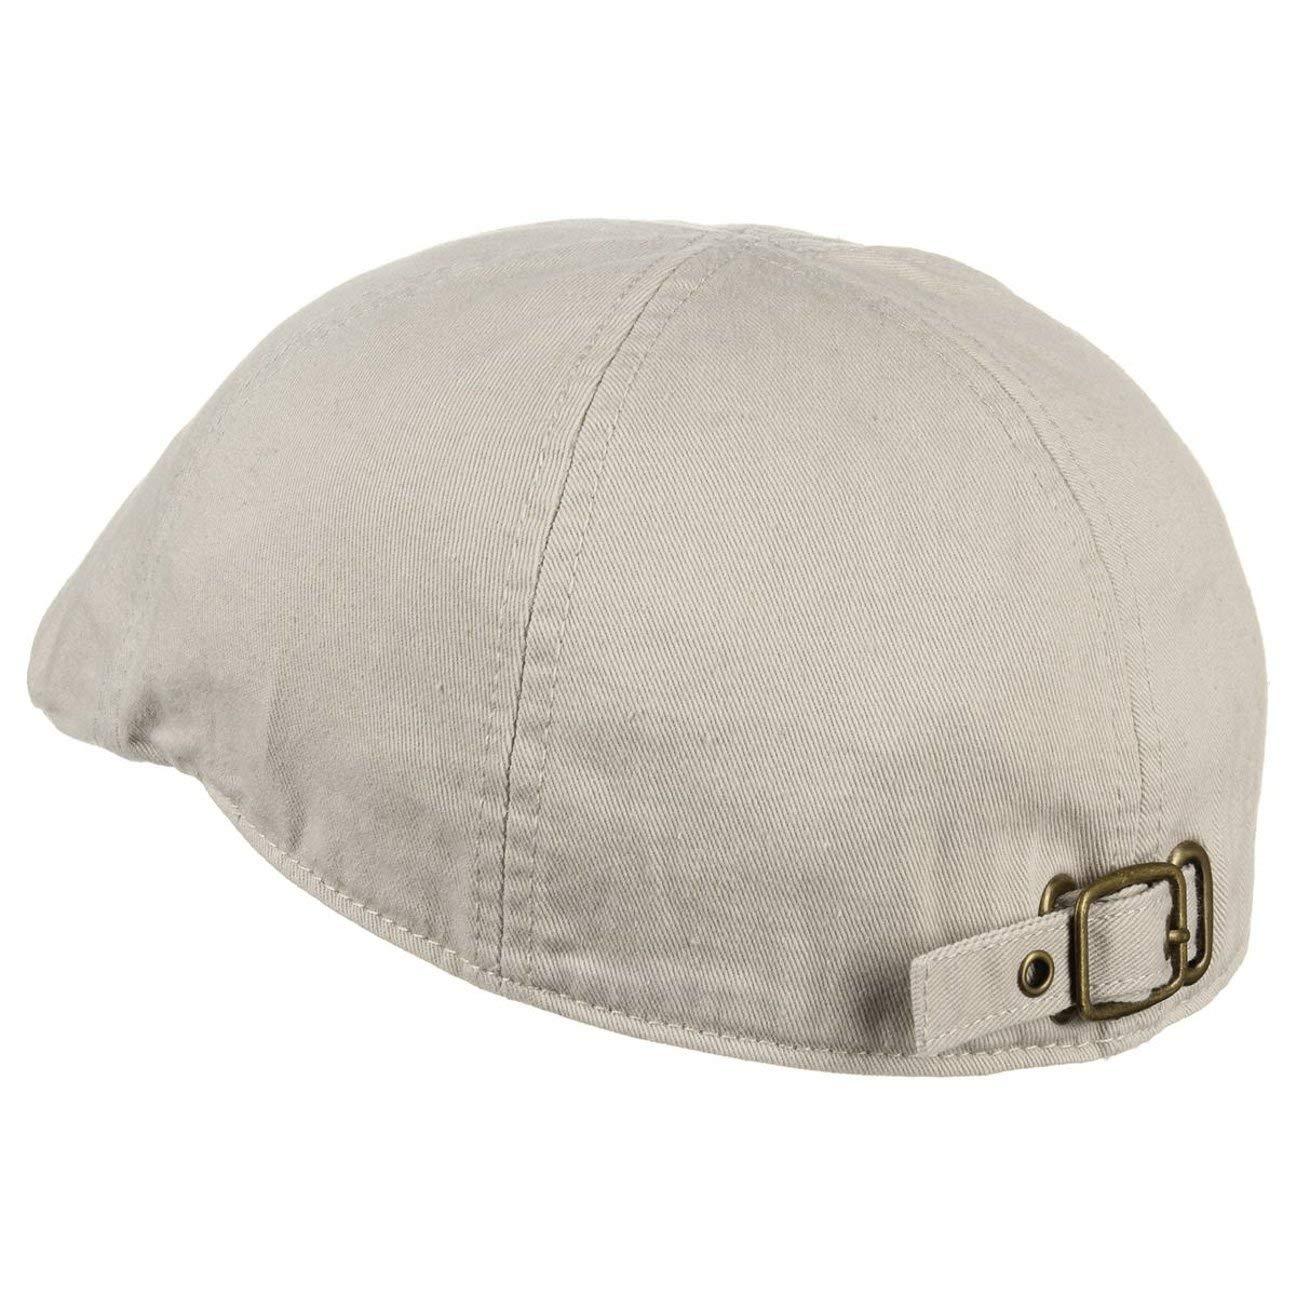 Gatsby Street Coppola berretto piatto cappello Taglia unica oliva